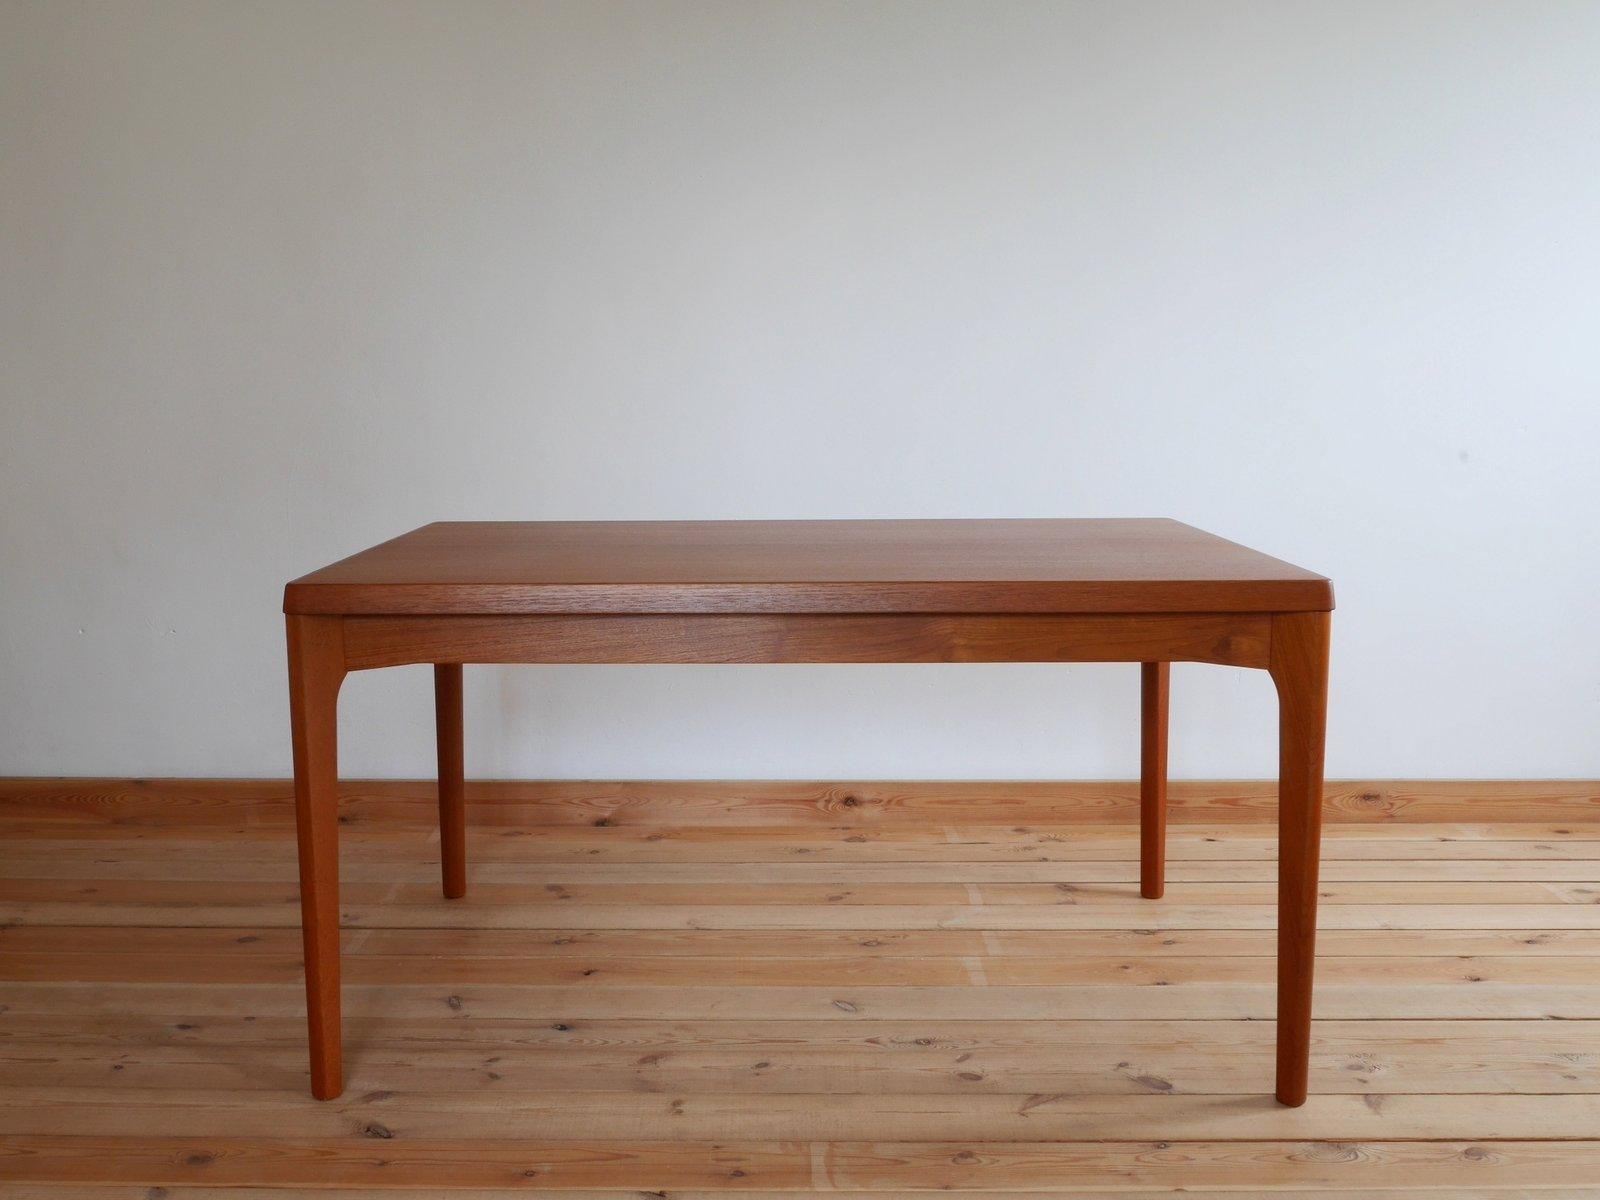 Danish Teak Dining Table By Henning Kjærnulf For Vejle Stole OG  Møbelfabrik, 1960s